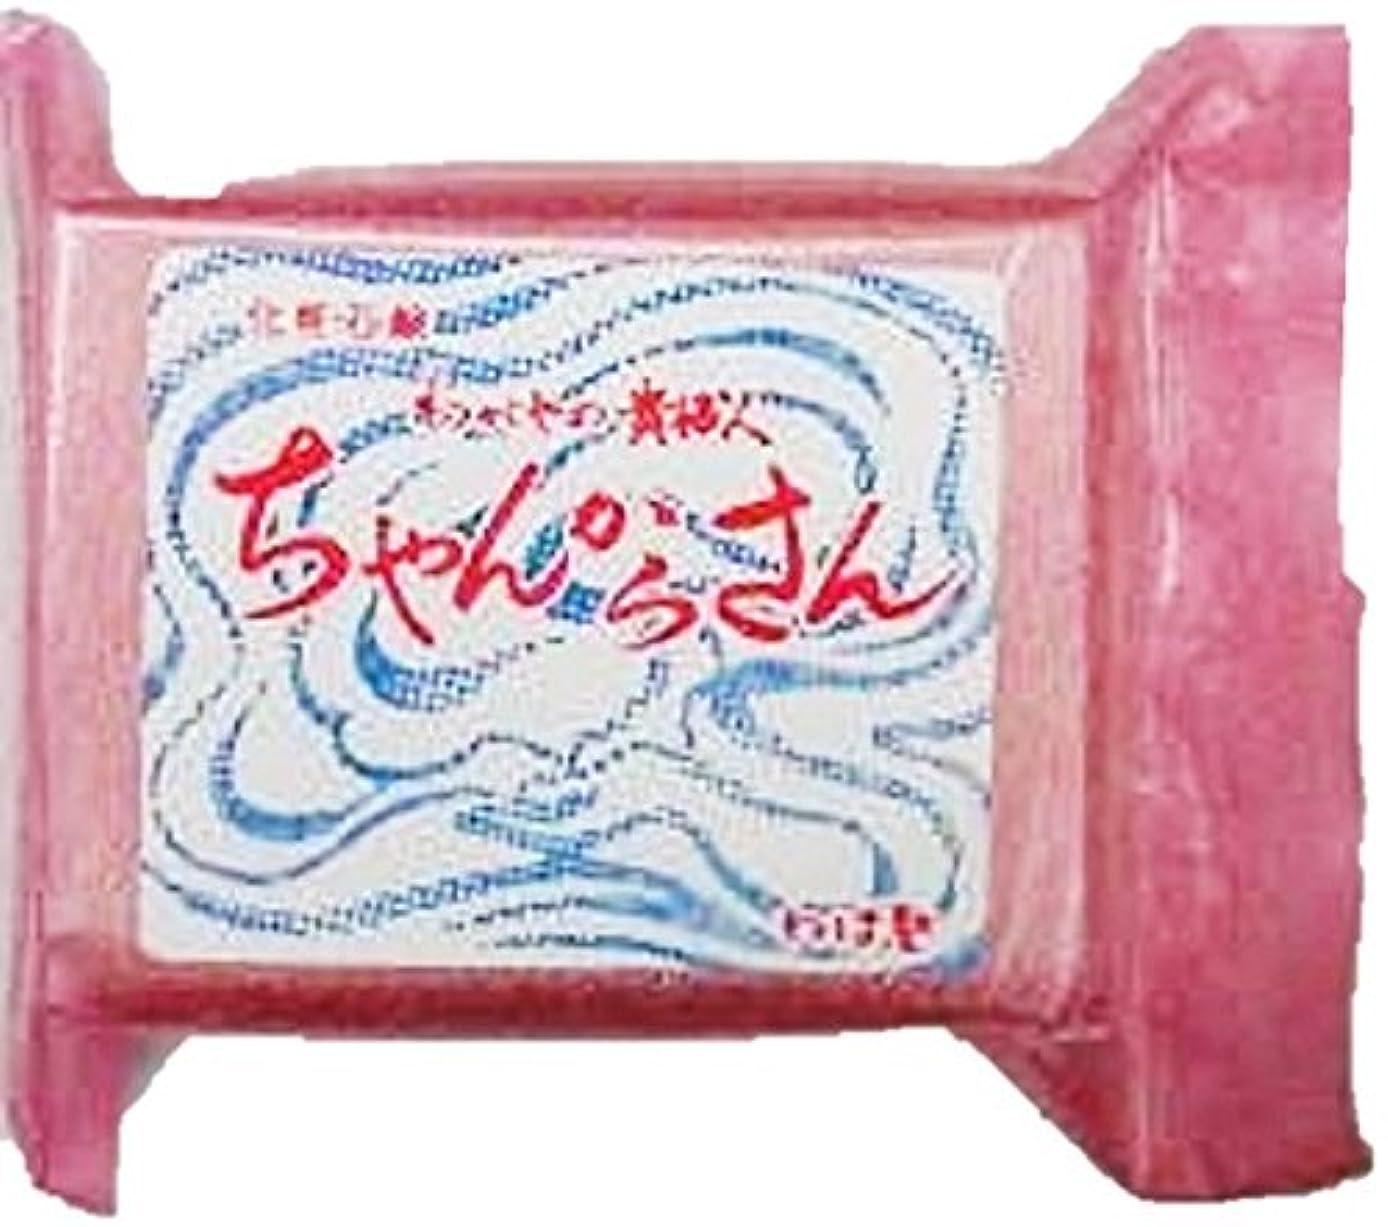 苦情文句宿泊施設再編成するちゃんからさん 化粧石鹸 (95g)